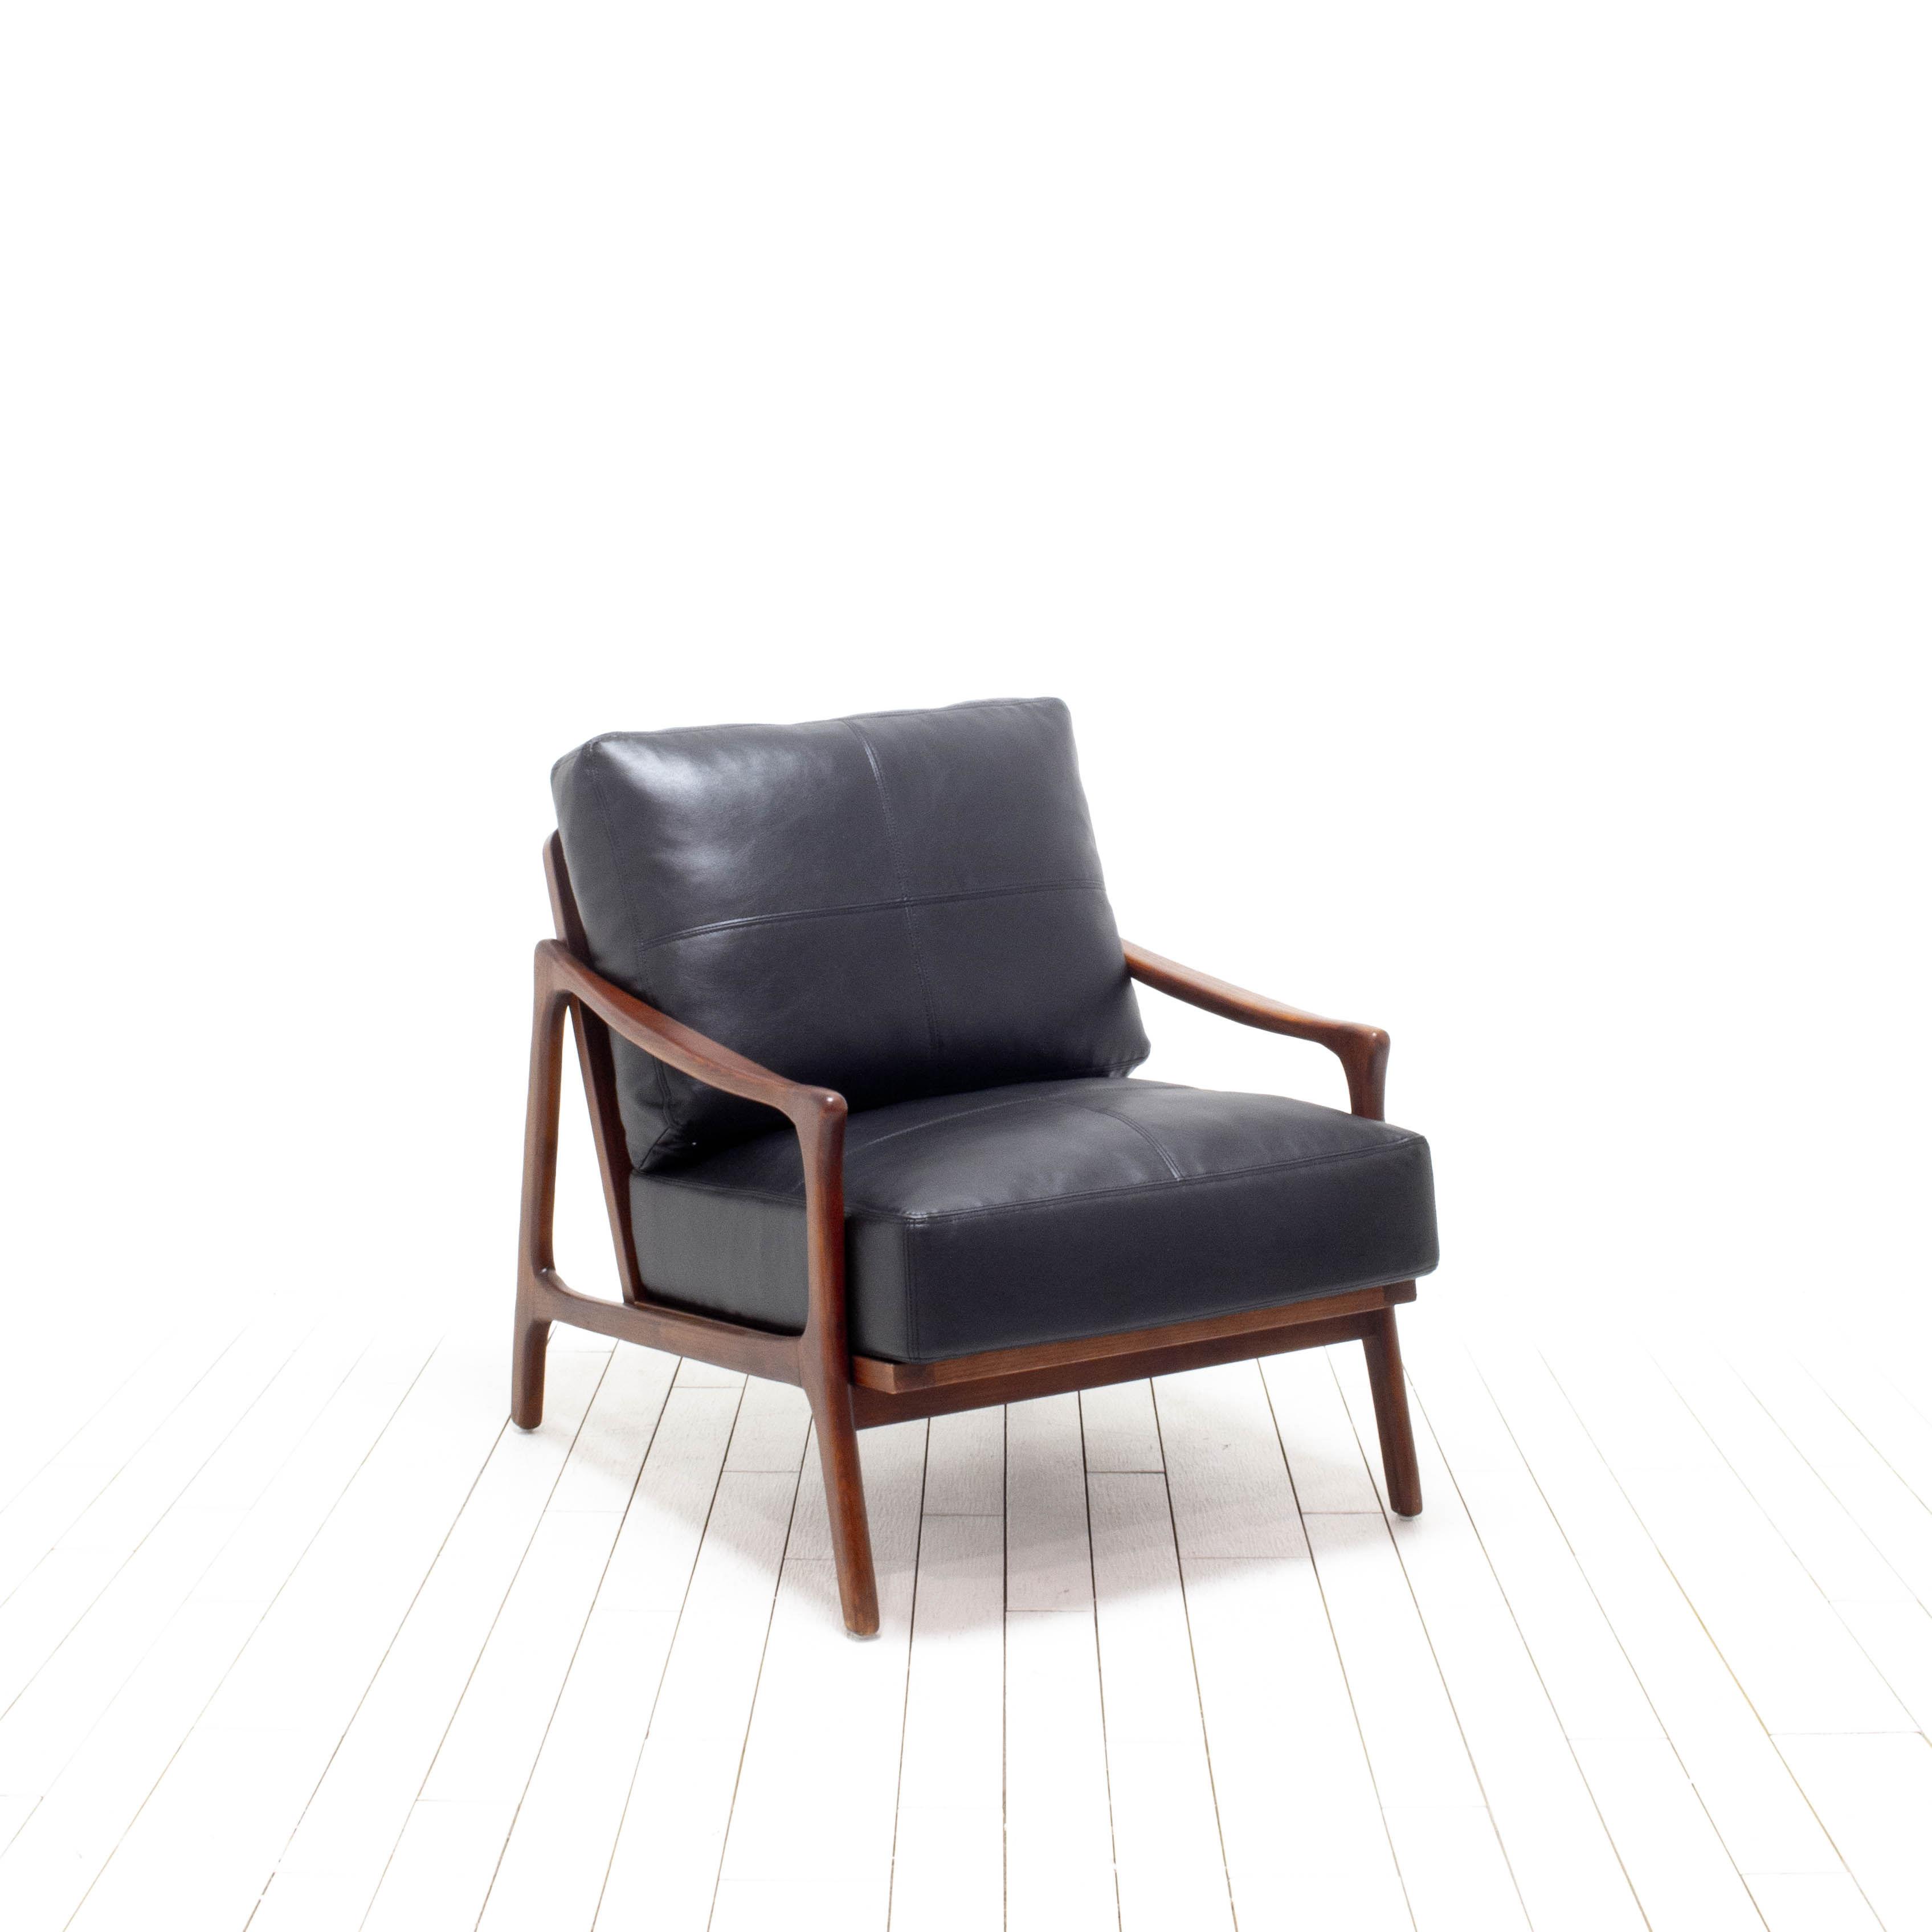 Graham Chairs - Black